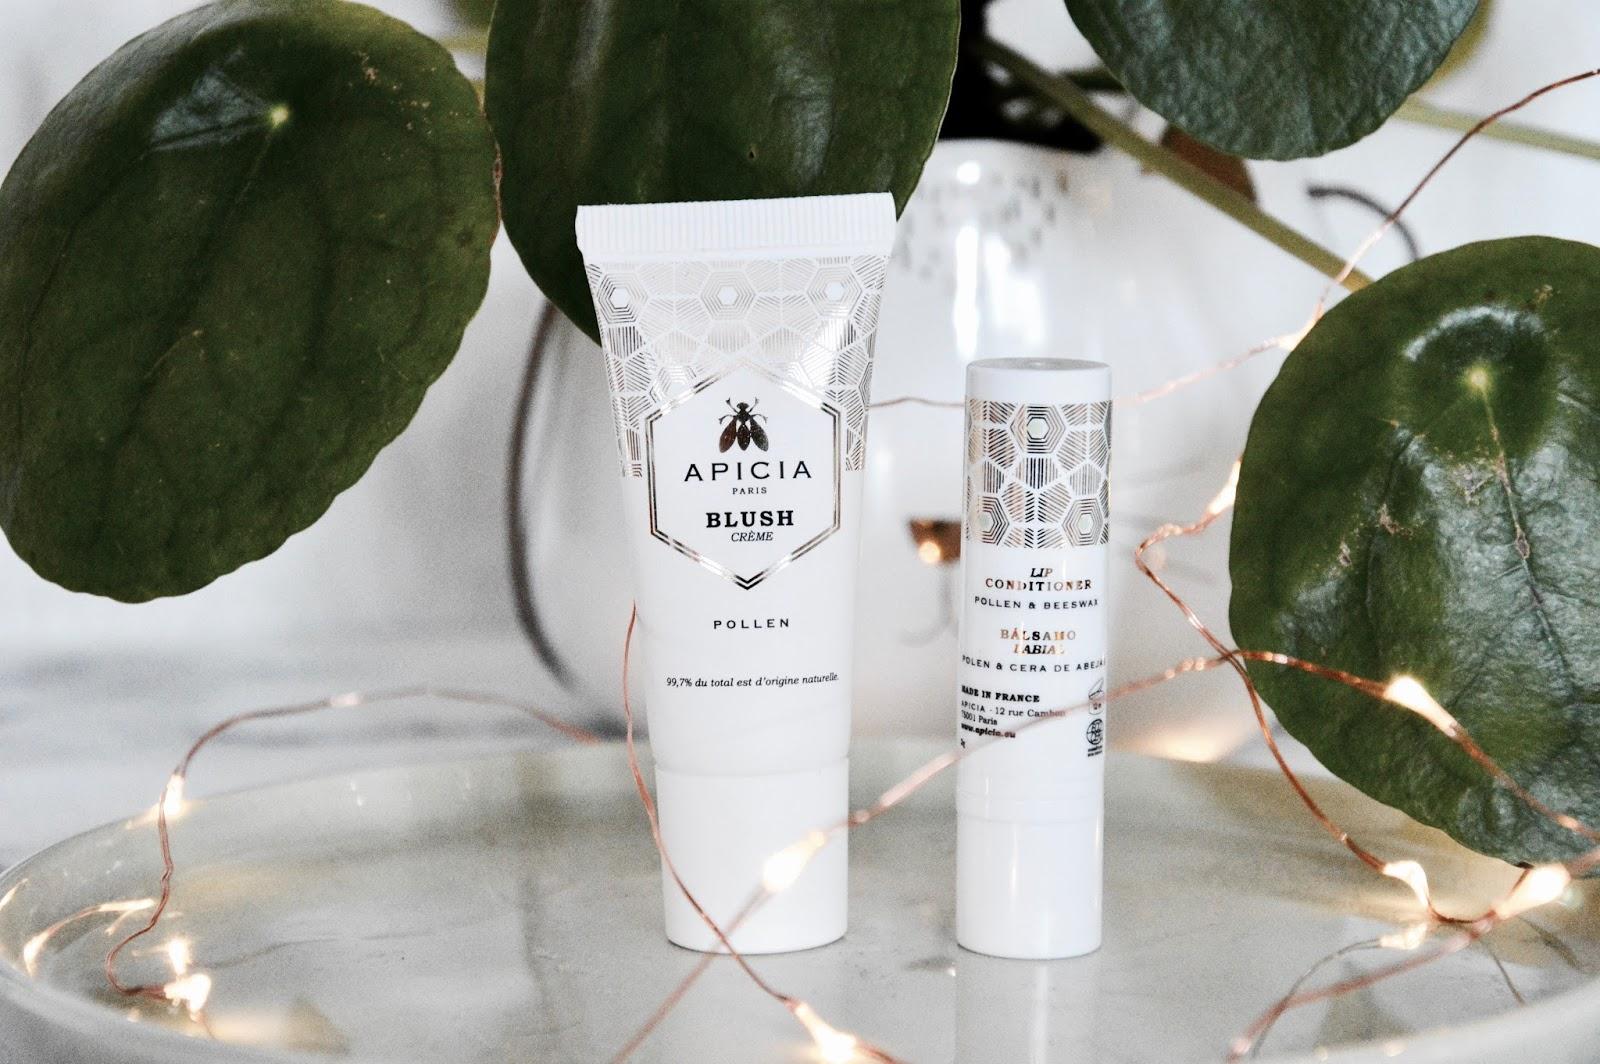 Test beauté : Baume à lèvre et blush crème Apicia